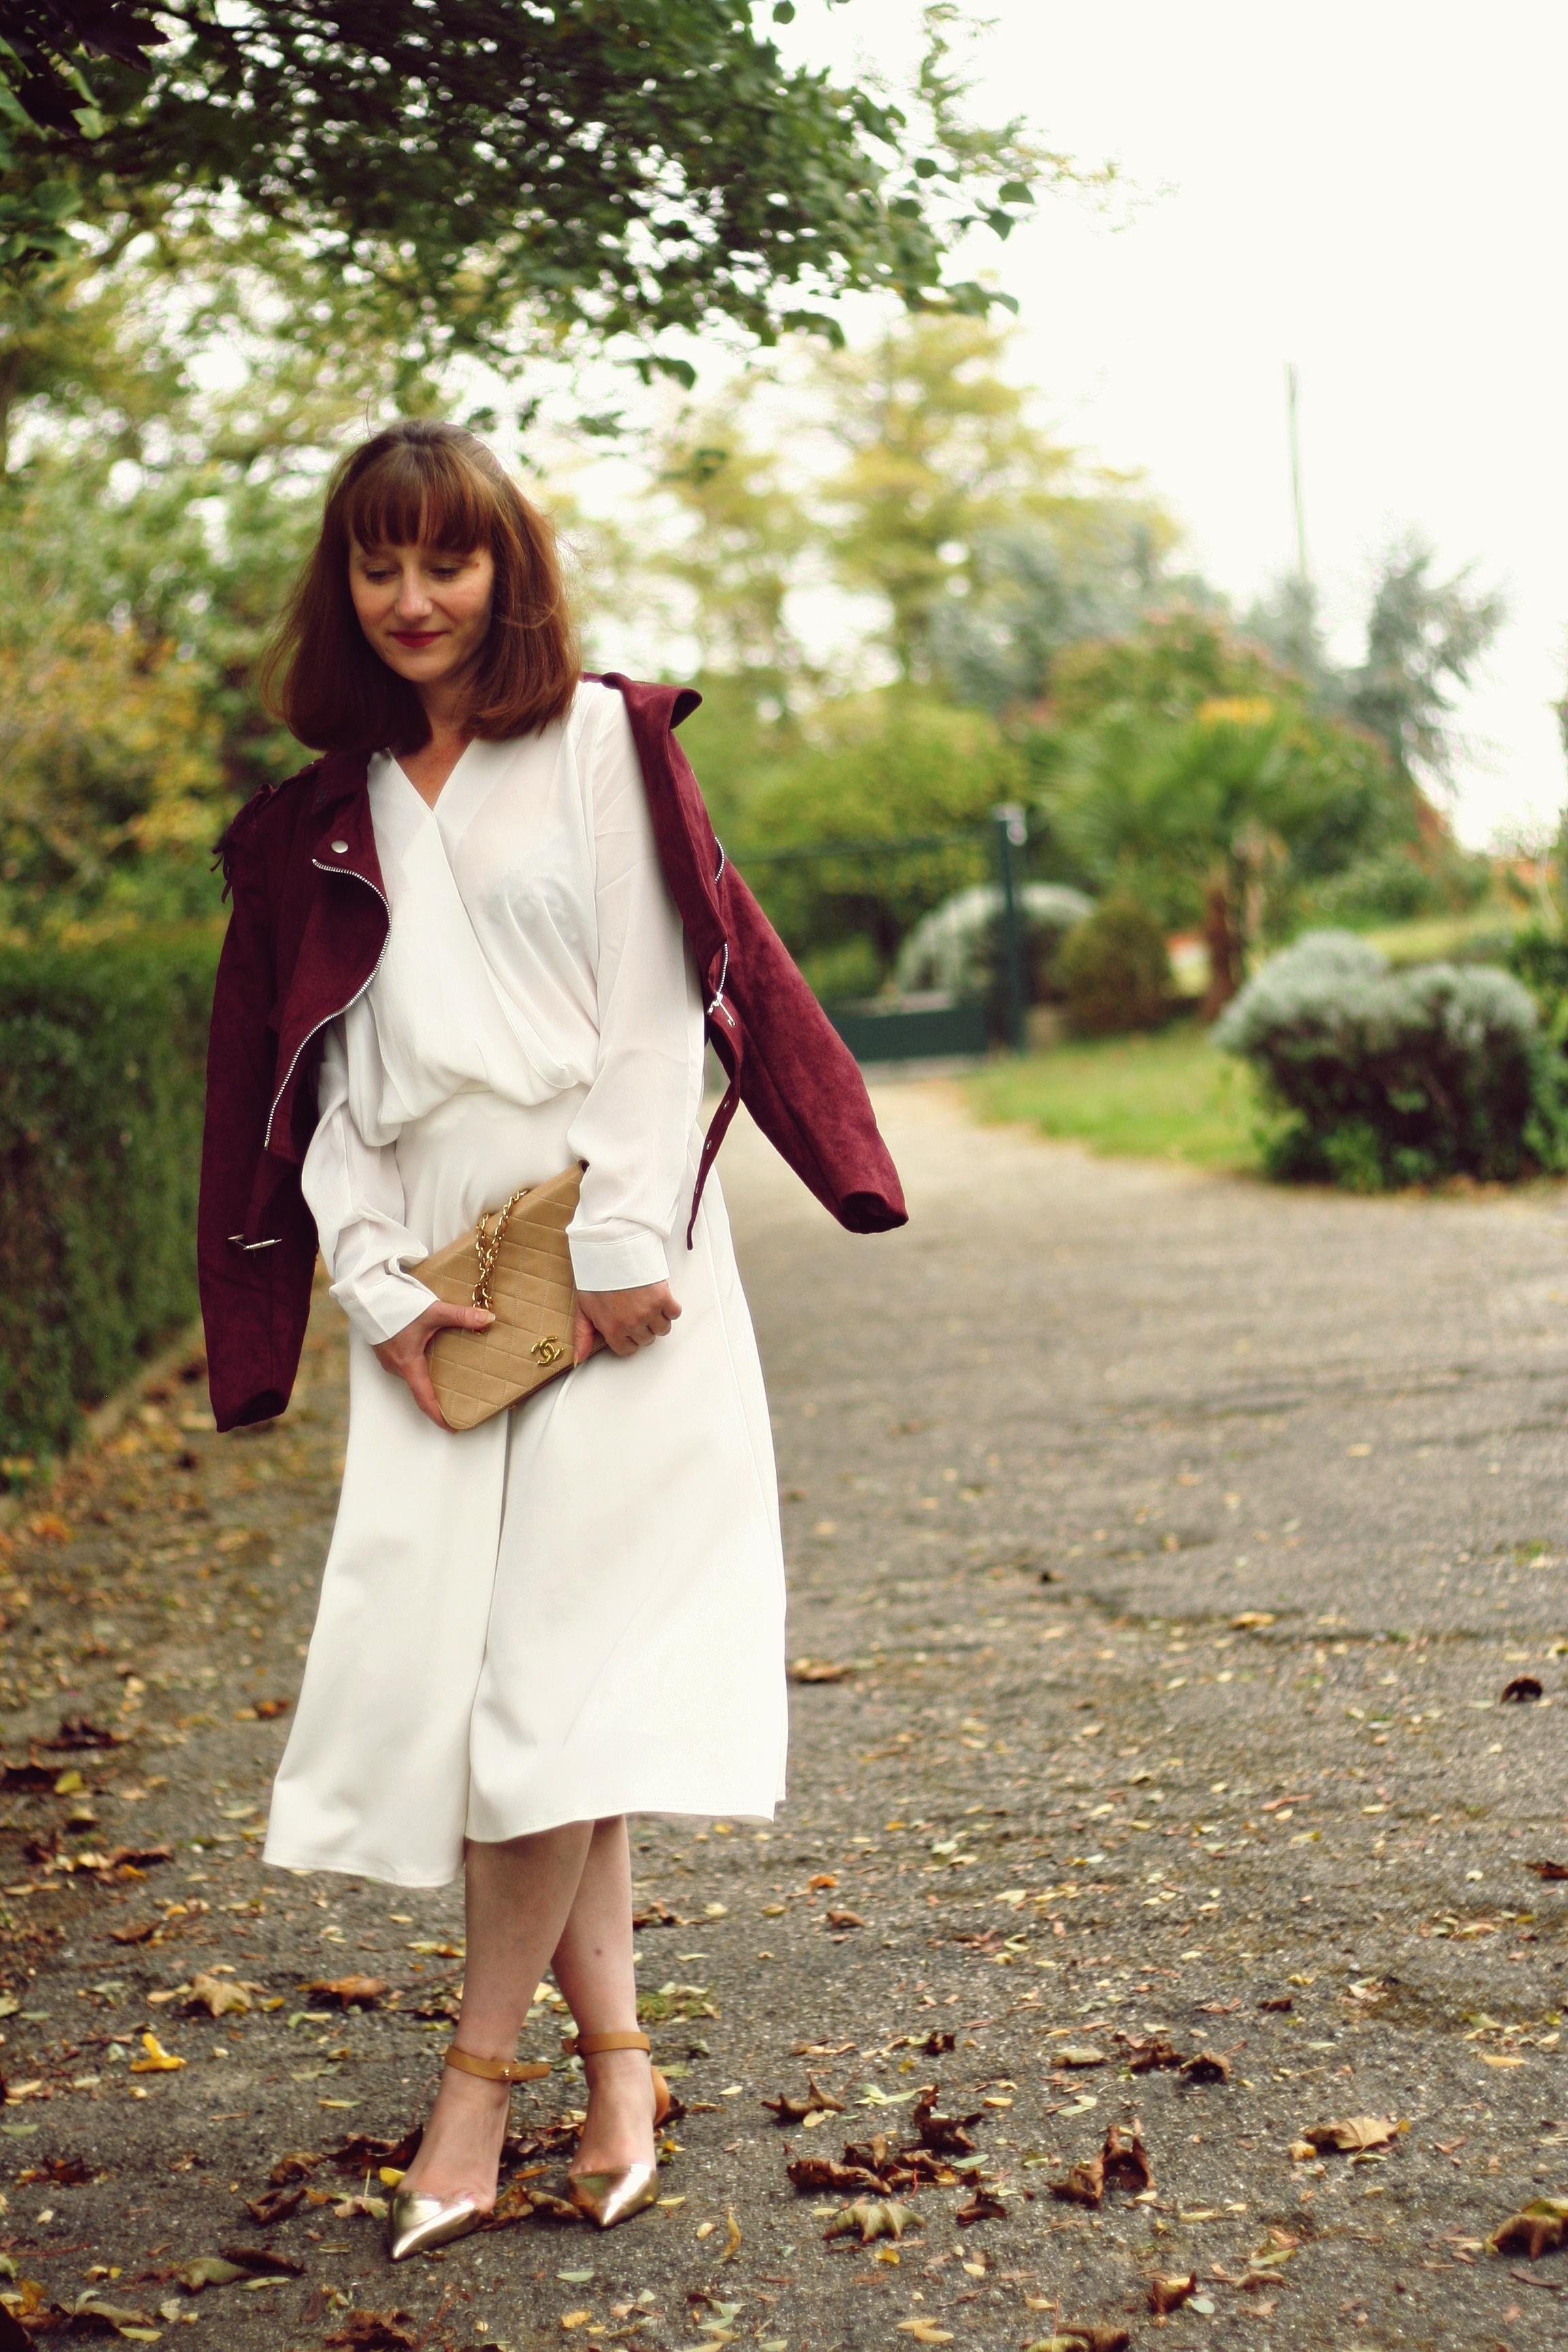 look-blanc-jupe-perfecto-franges-chanel-sac-look-vintage